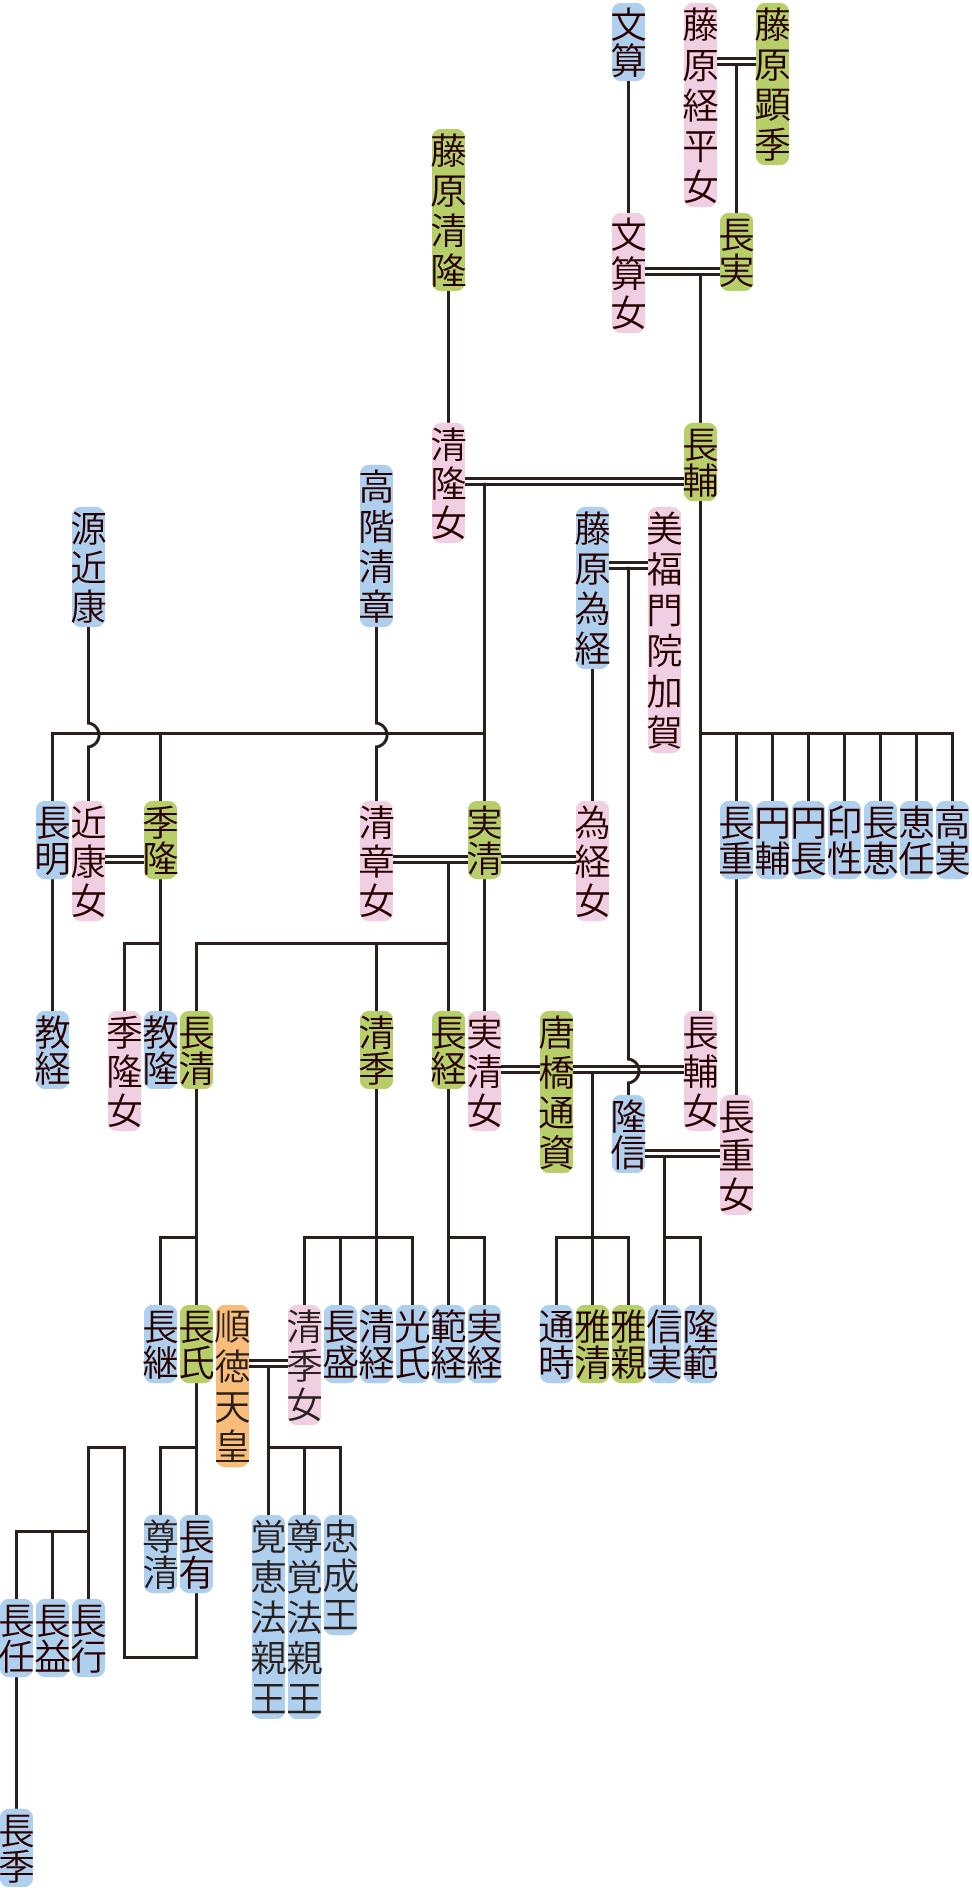 藤原長輔の系図